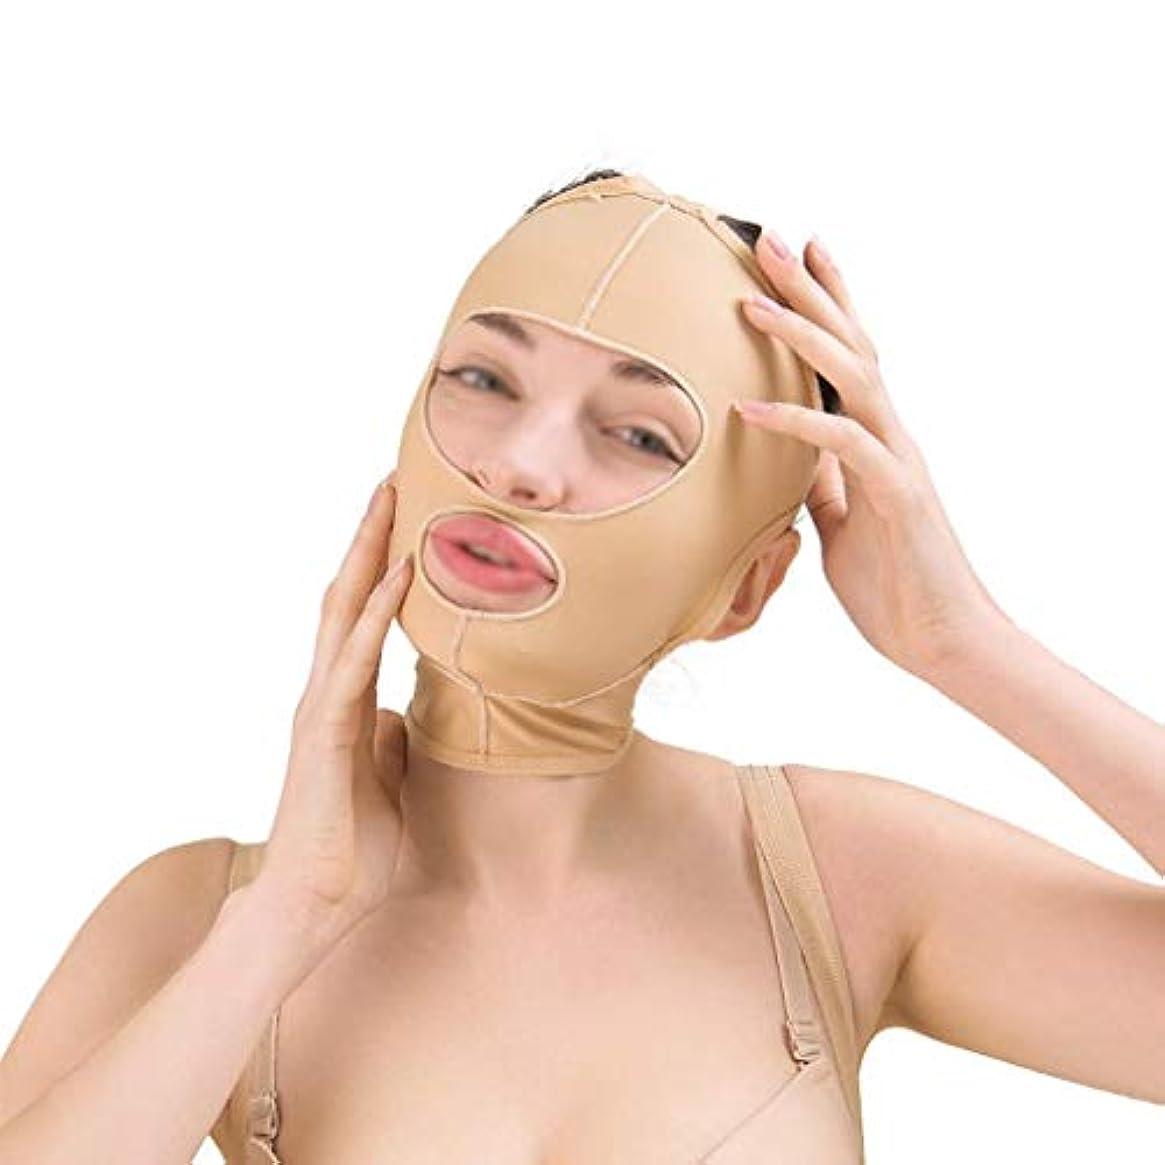 タール補正コットン美容フェイスリフト減量ベルト、ほおスリムフィット、通気性フェイスリフト、引き締め、リフティング包帯、フェイシャルスキン包帯(サイズ:M),S